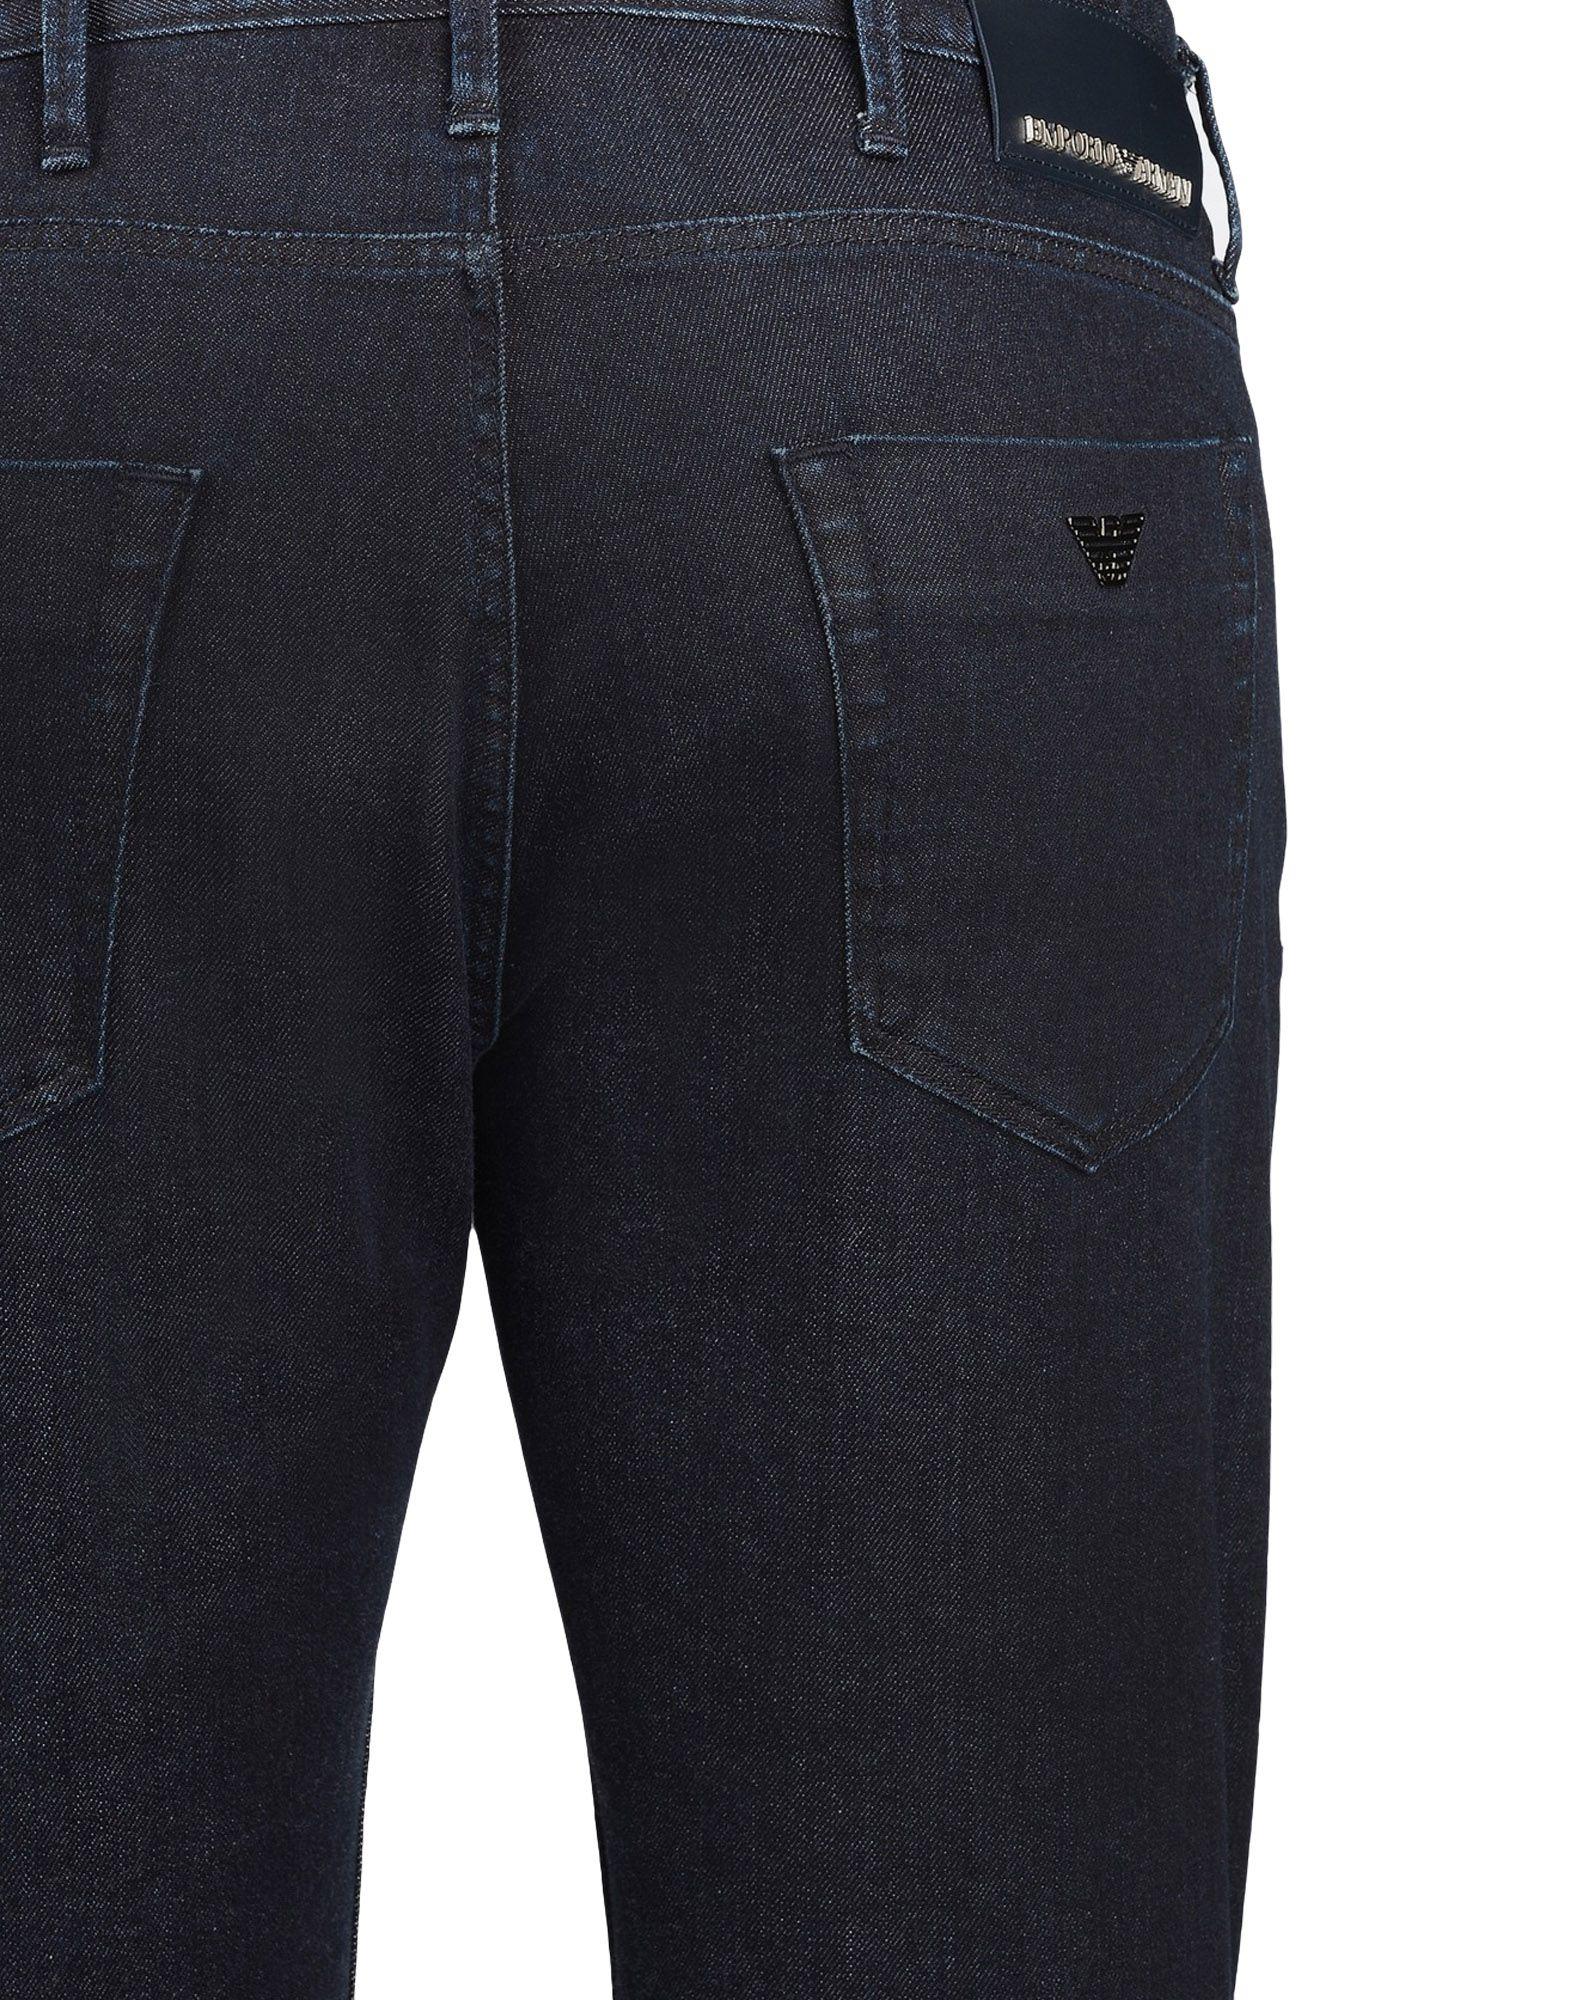 Pantaloni Emporio Jeans Emporio Pantaloni Armani Uomo - 13159900XW 39de0e